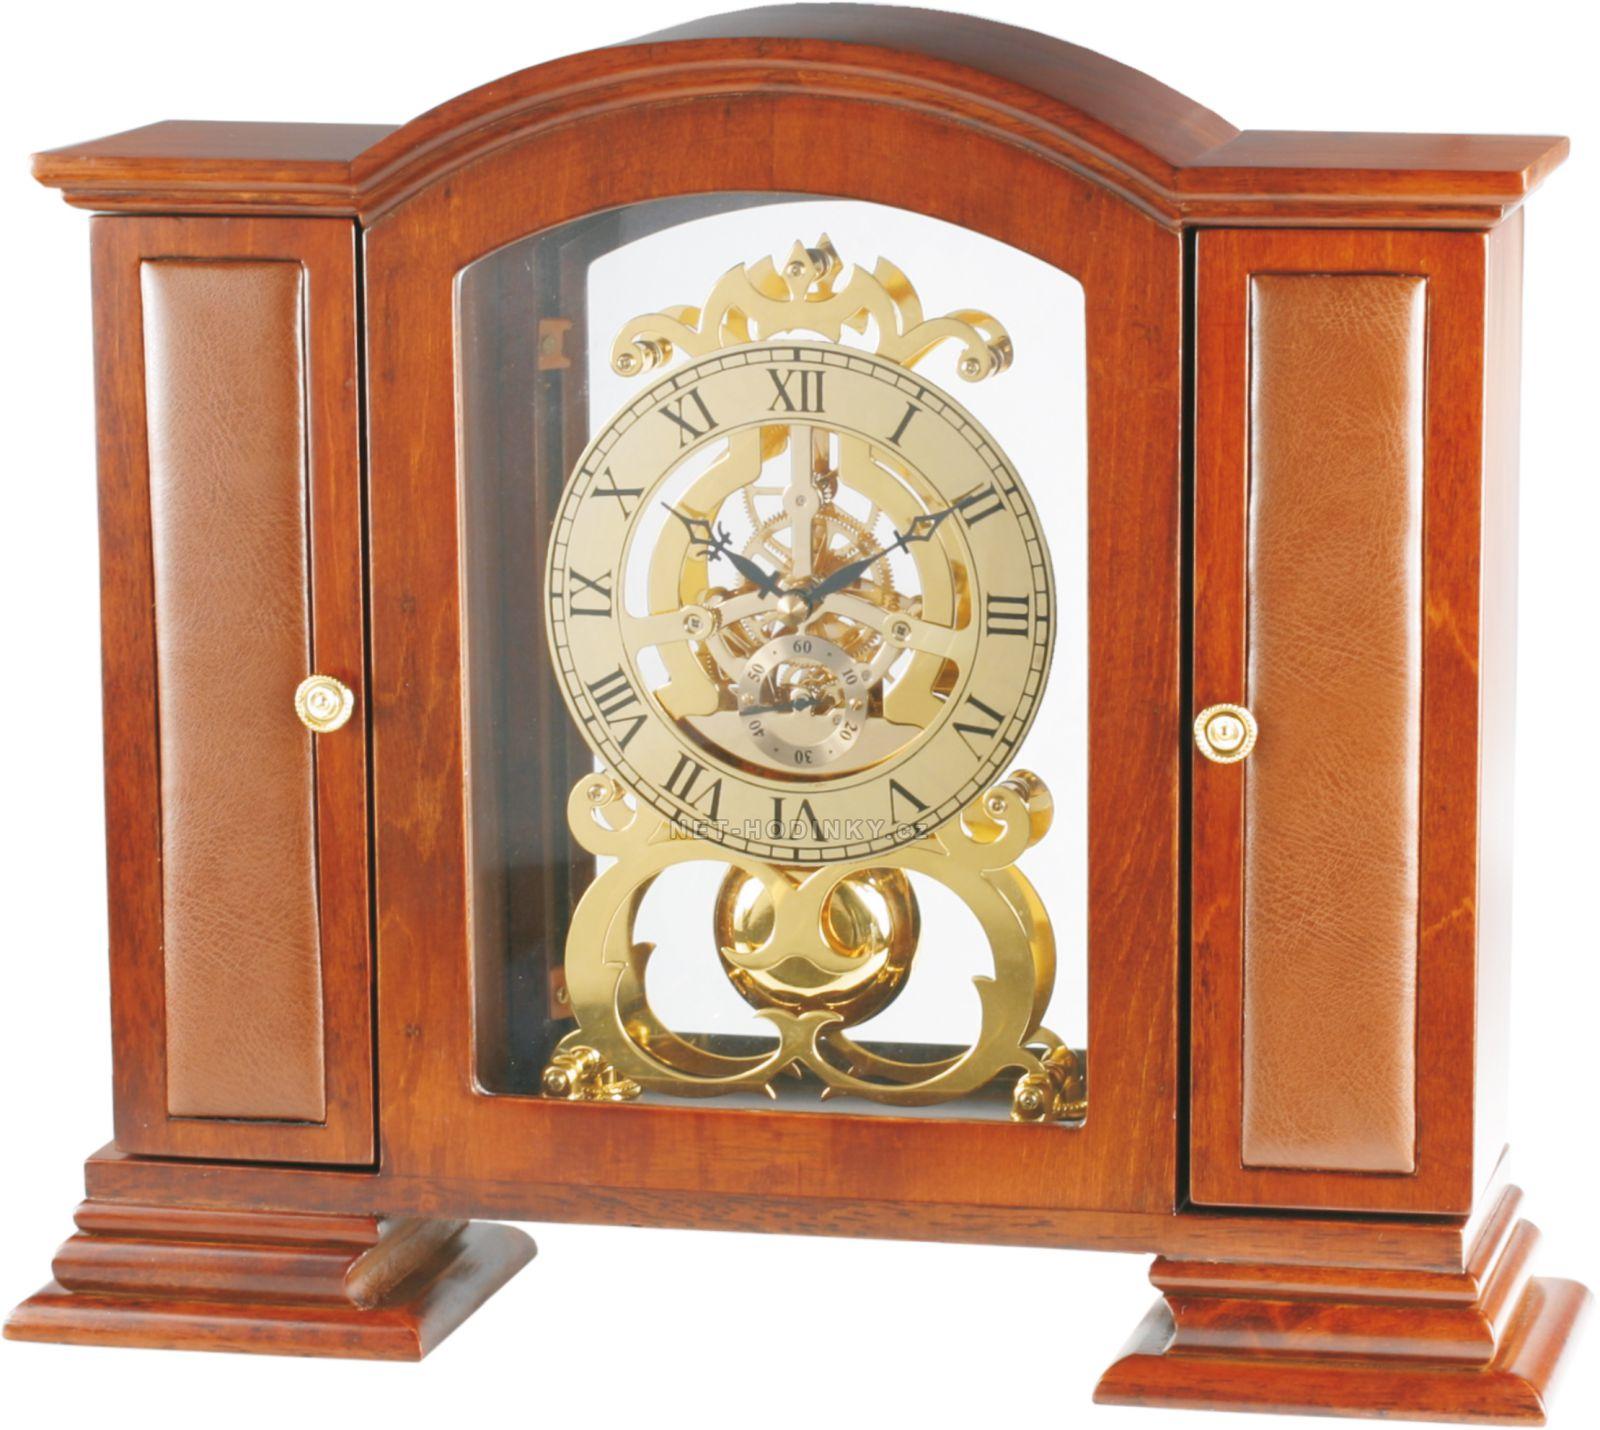 Luxusní dřevěné stolní hodiny s pozlaceným a bohatě zdobeným ciferníkem I05.1214